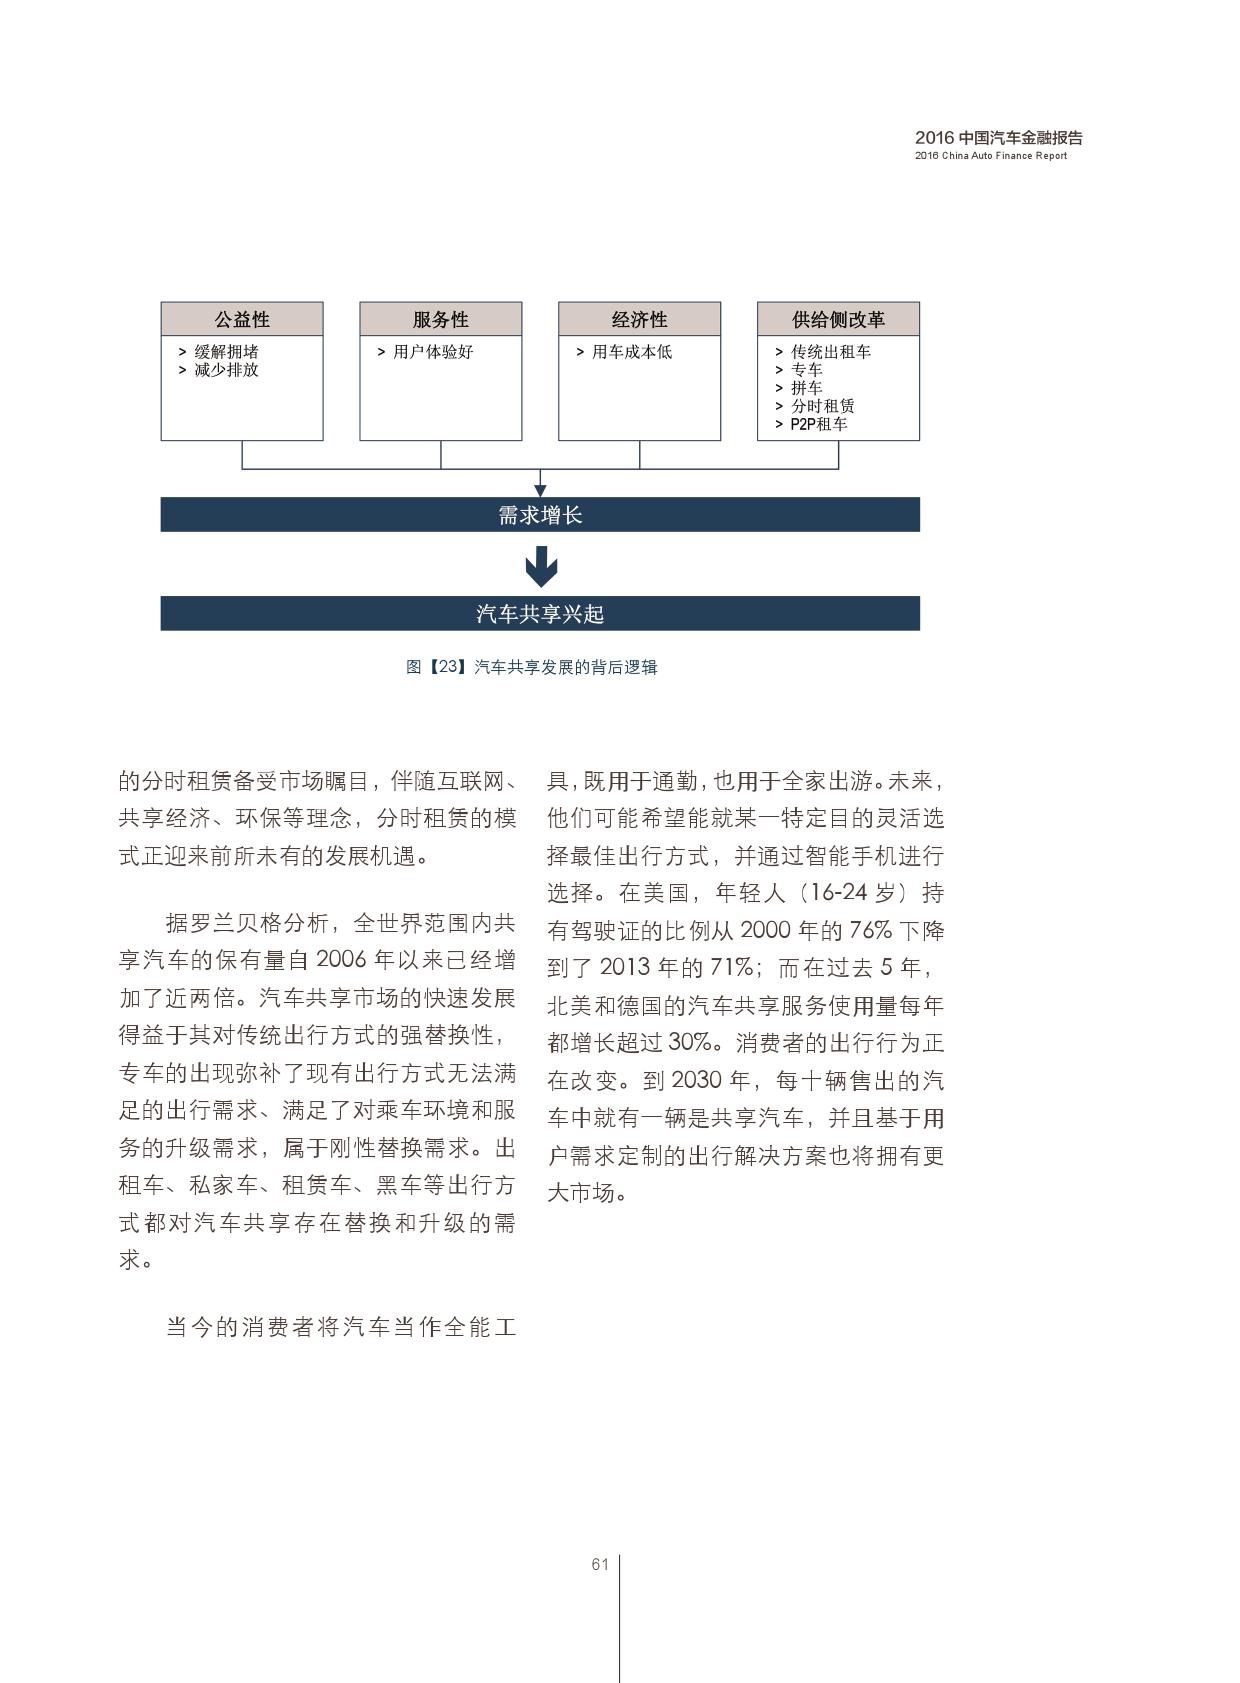 2016中国汽车金融报告_000062